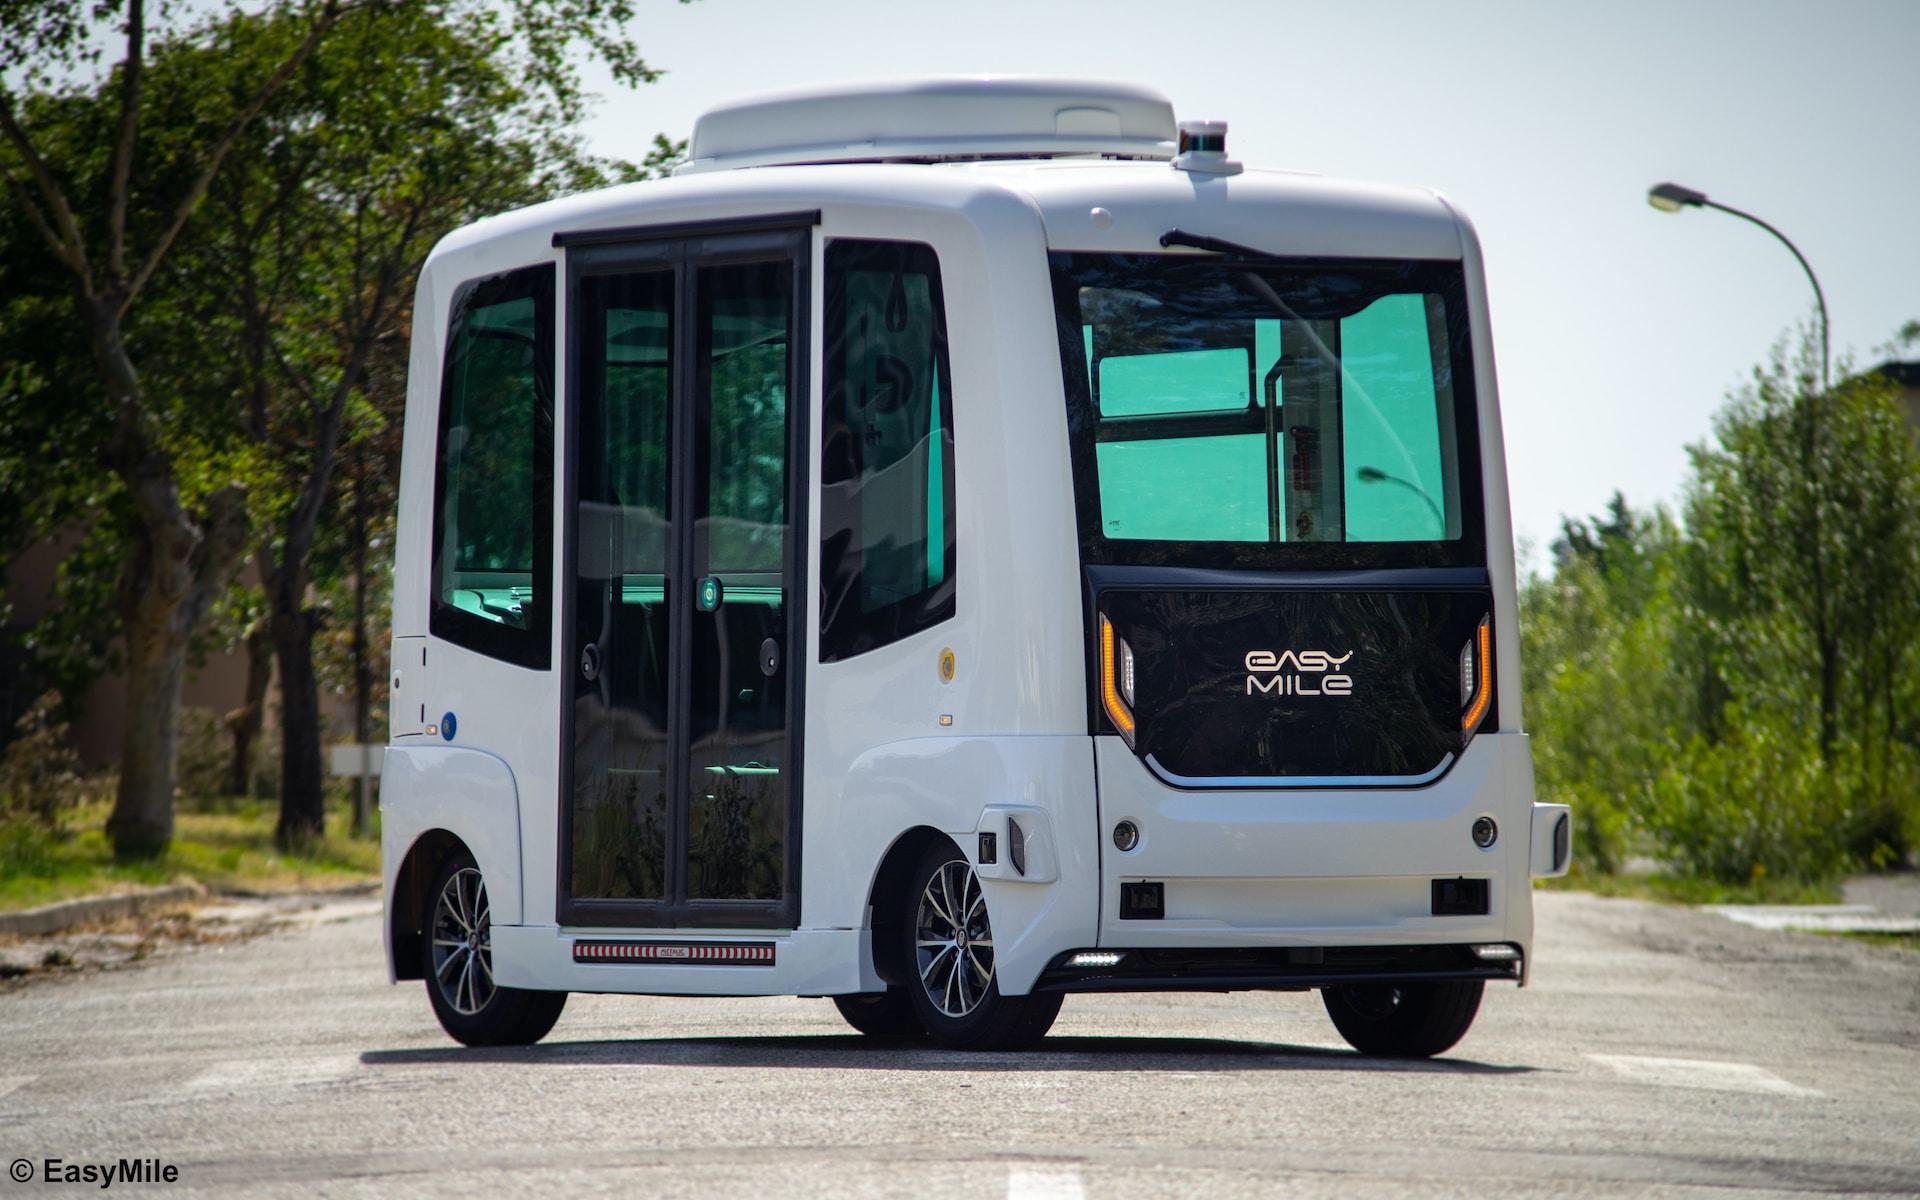 sono-motors-easymile-autonomes-shuttle-ez10